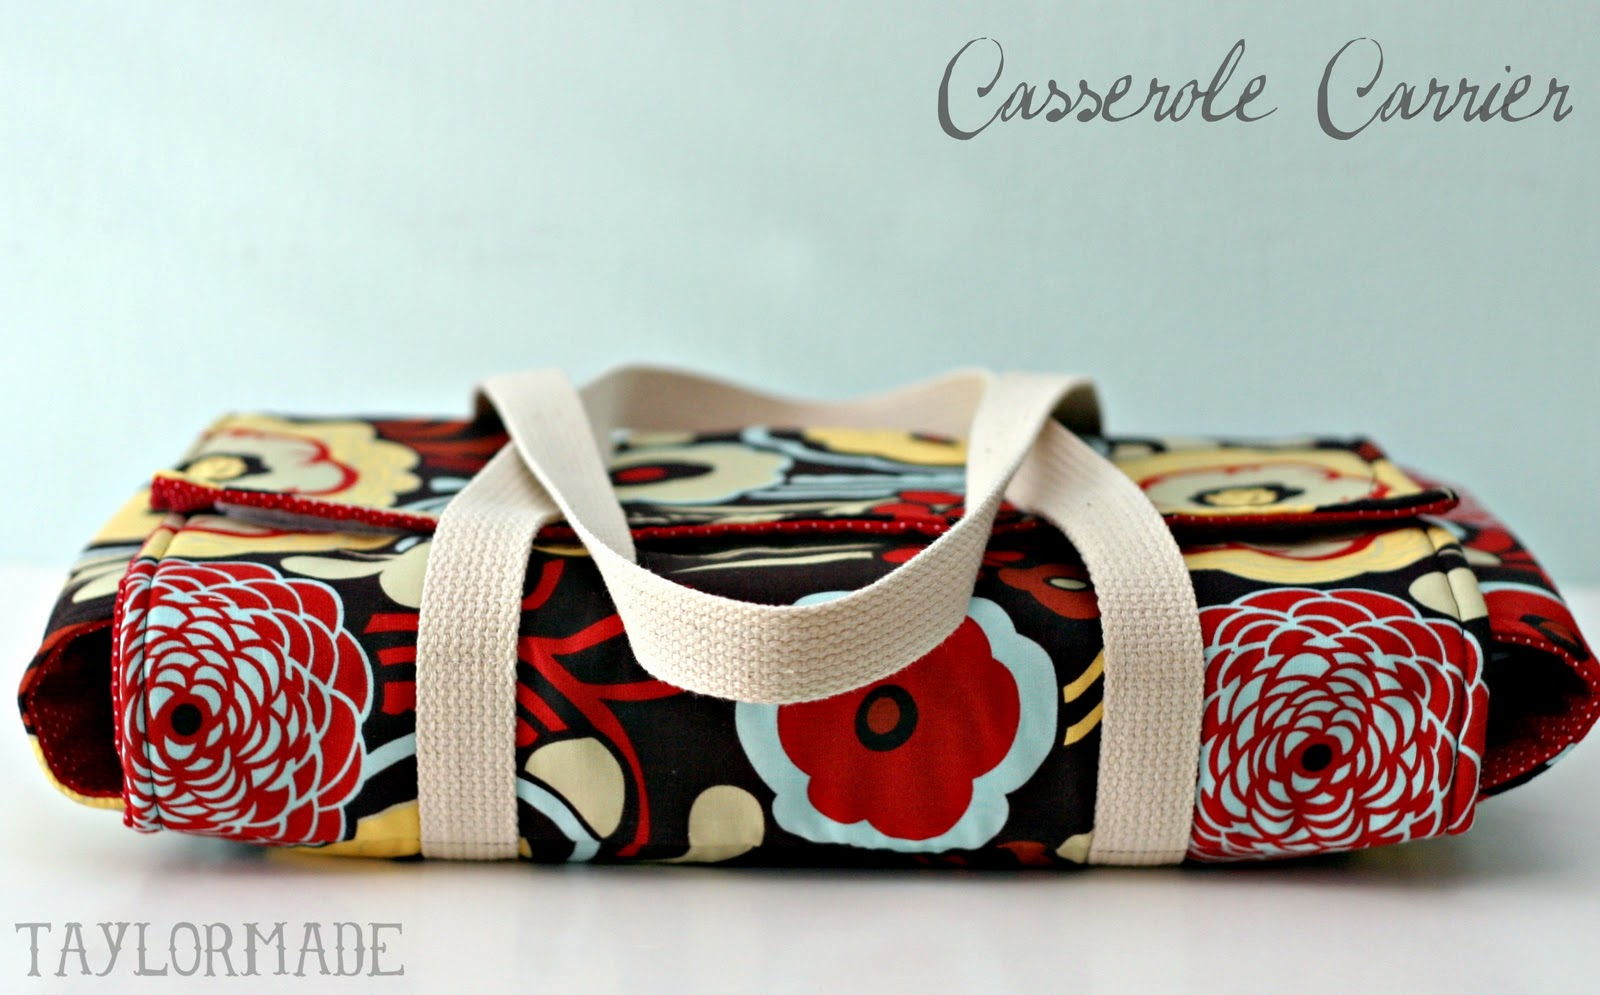 Casserole Carrier - TaylorMade